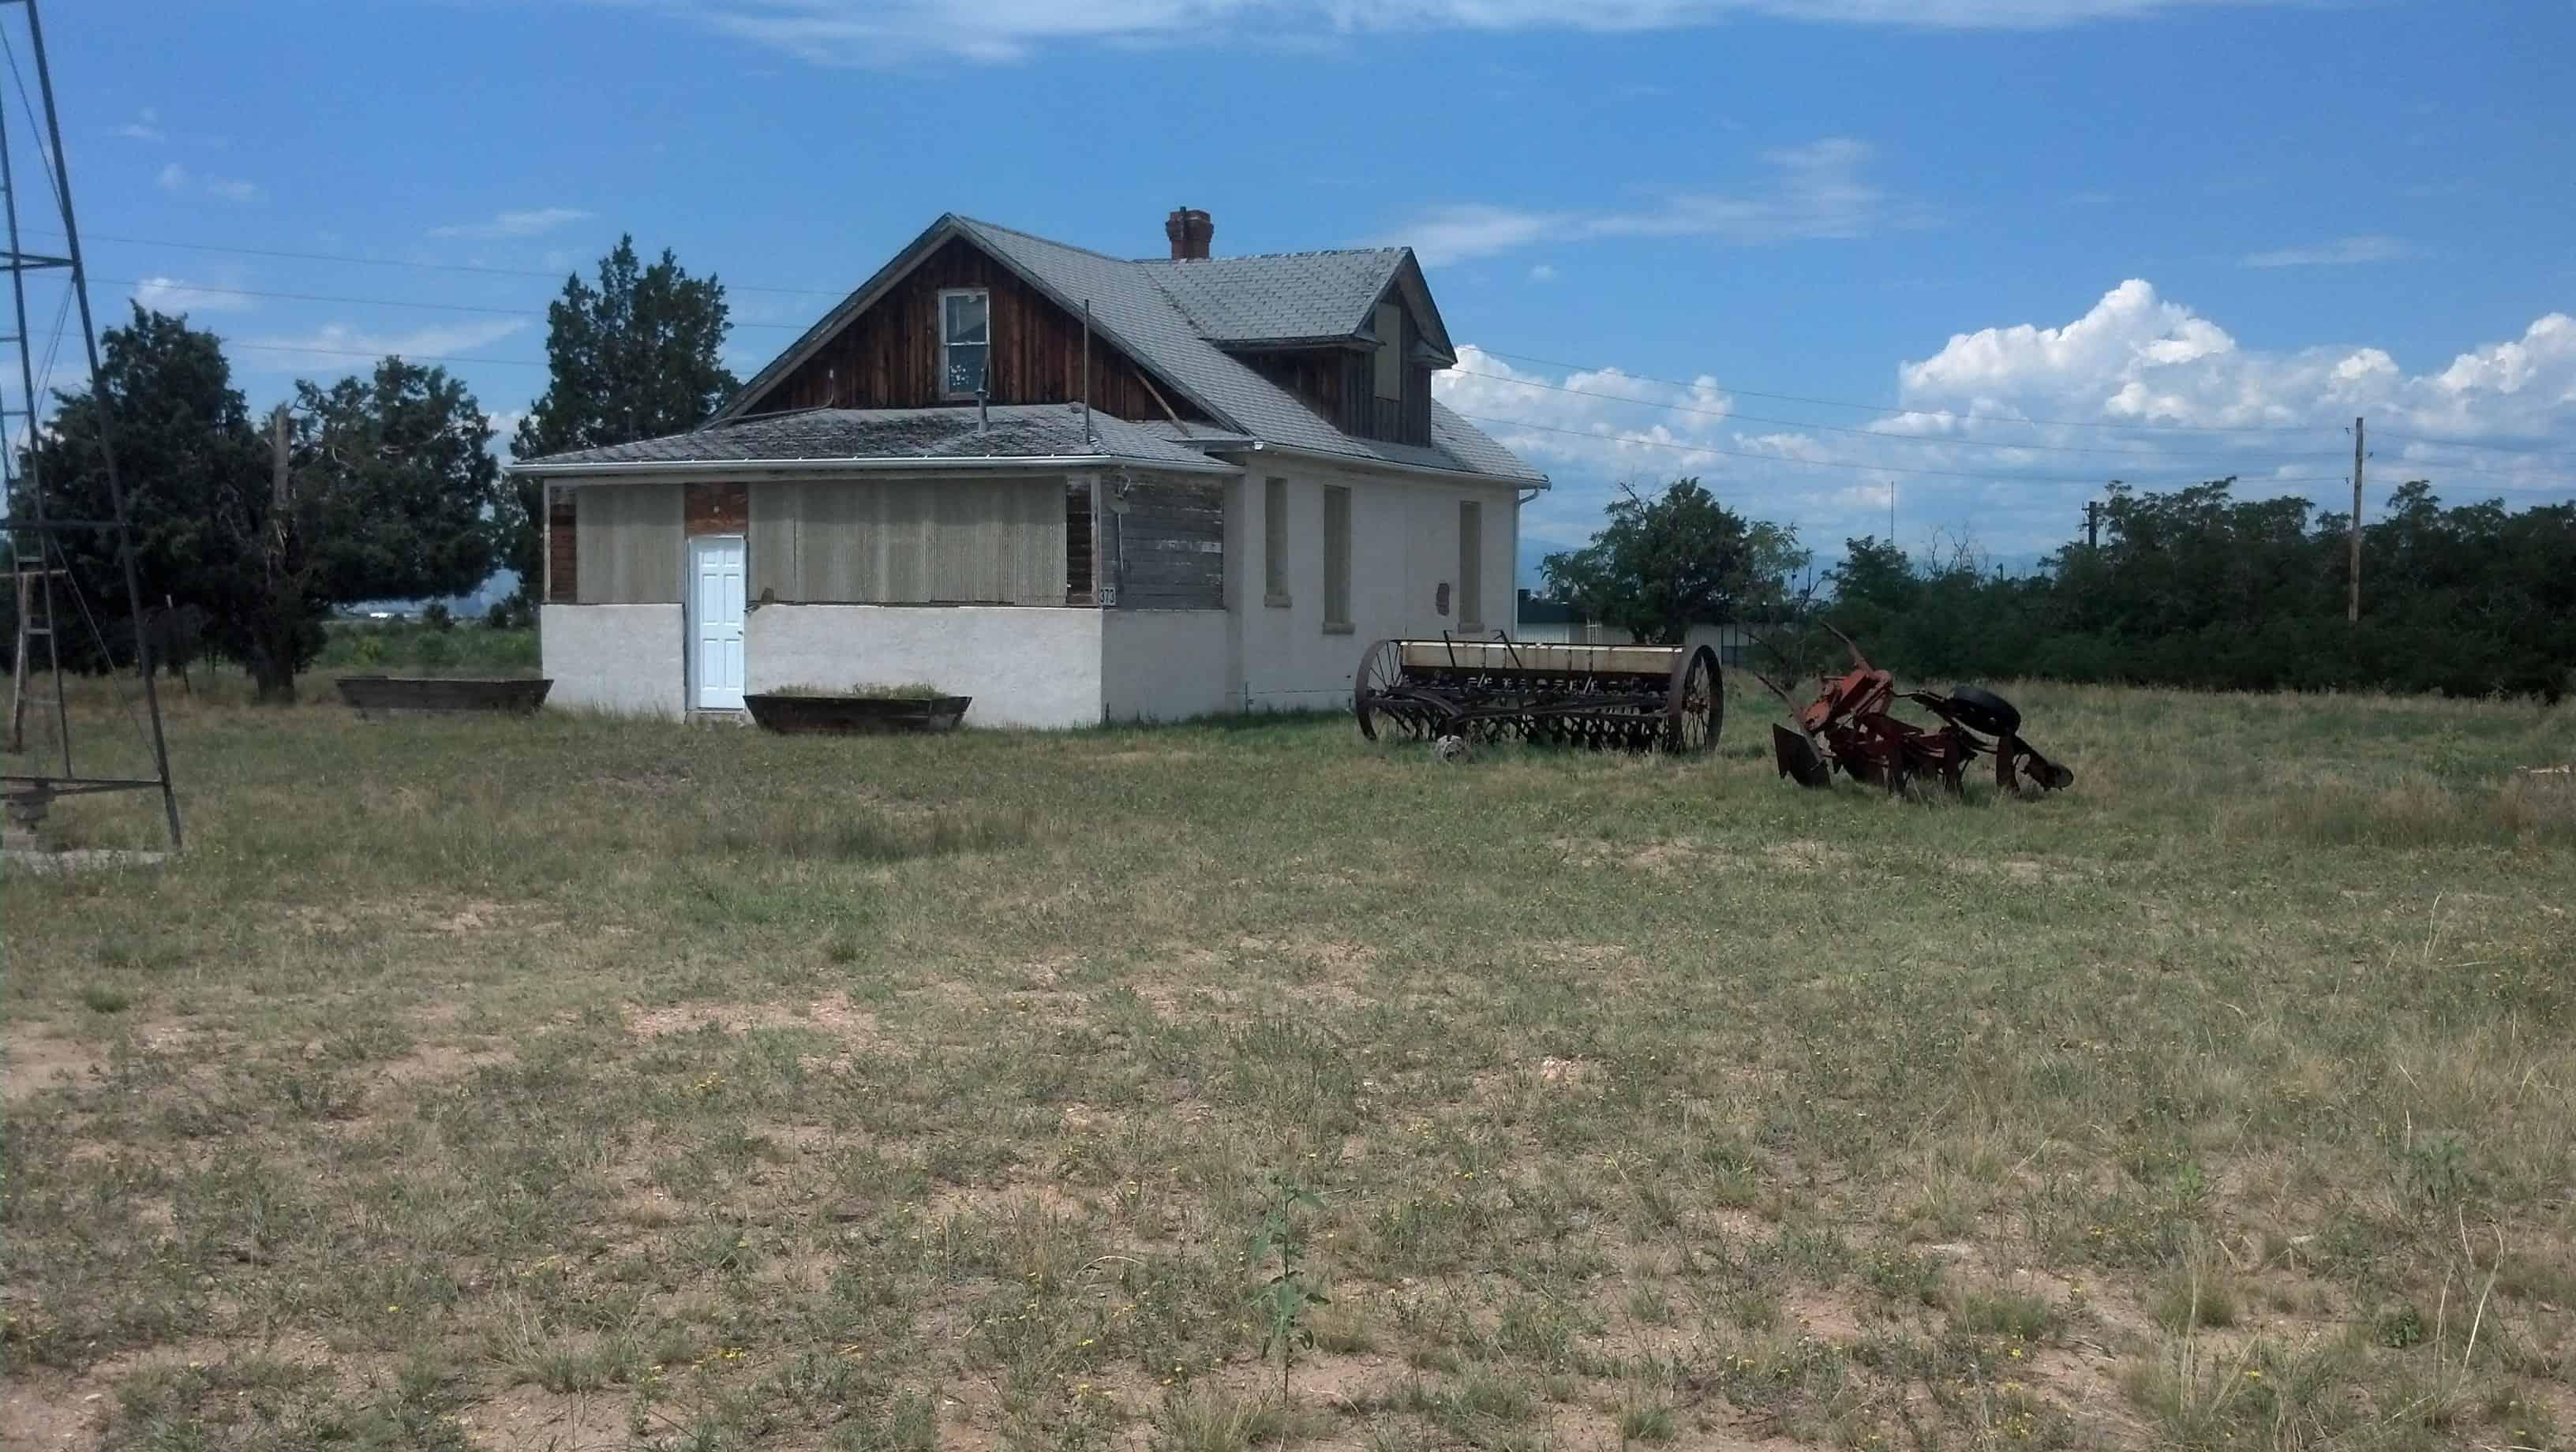 Rocky Mountain Arsenal Farmhouse